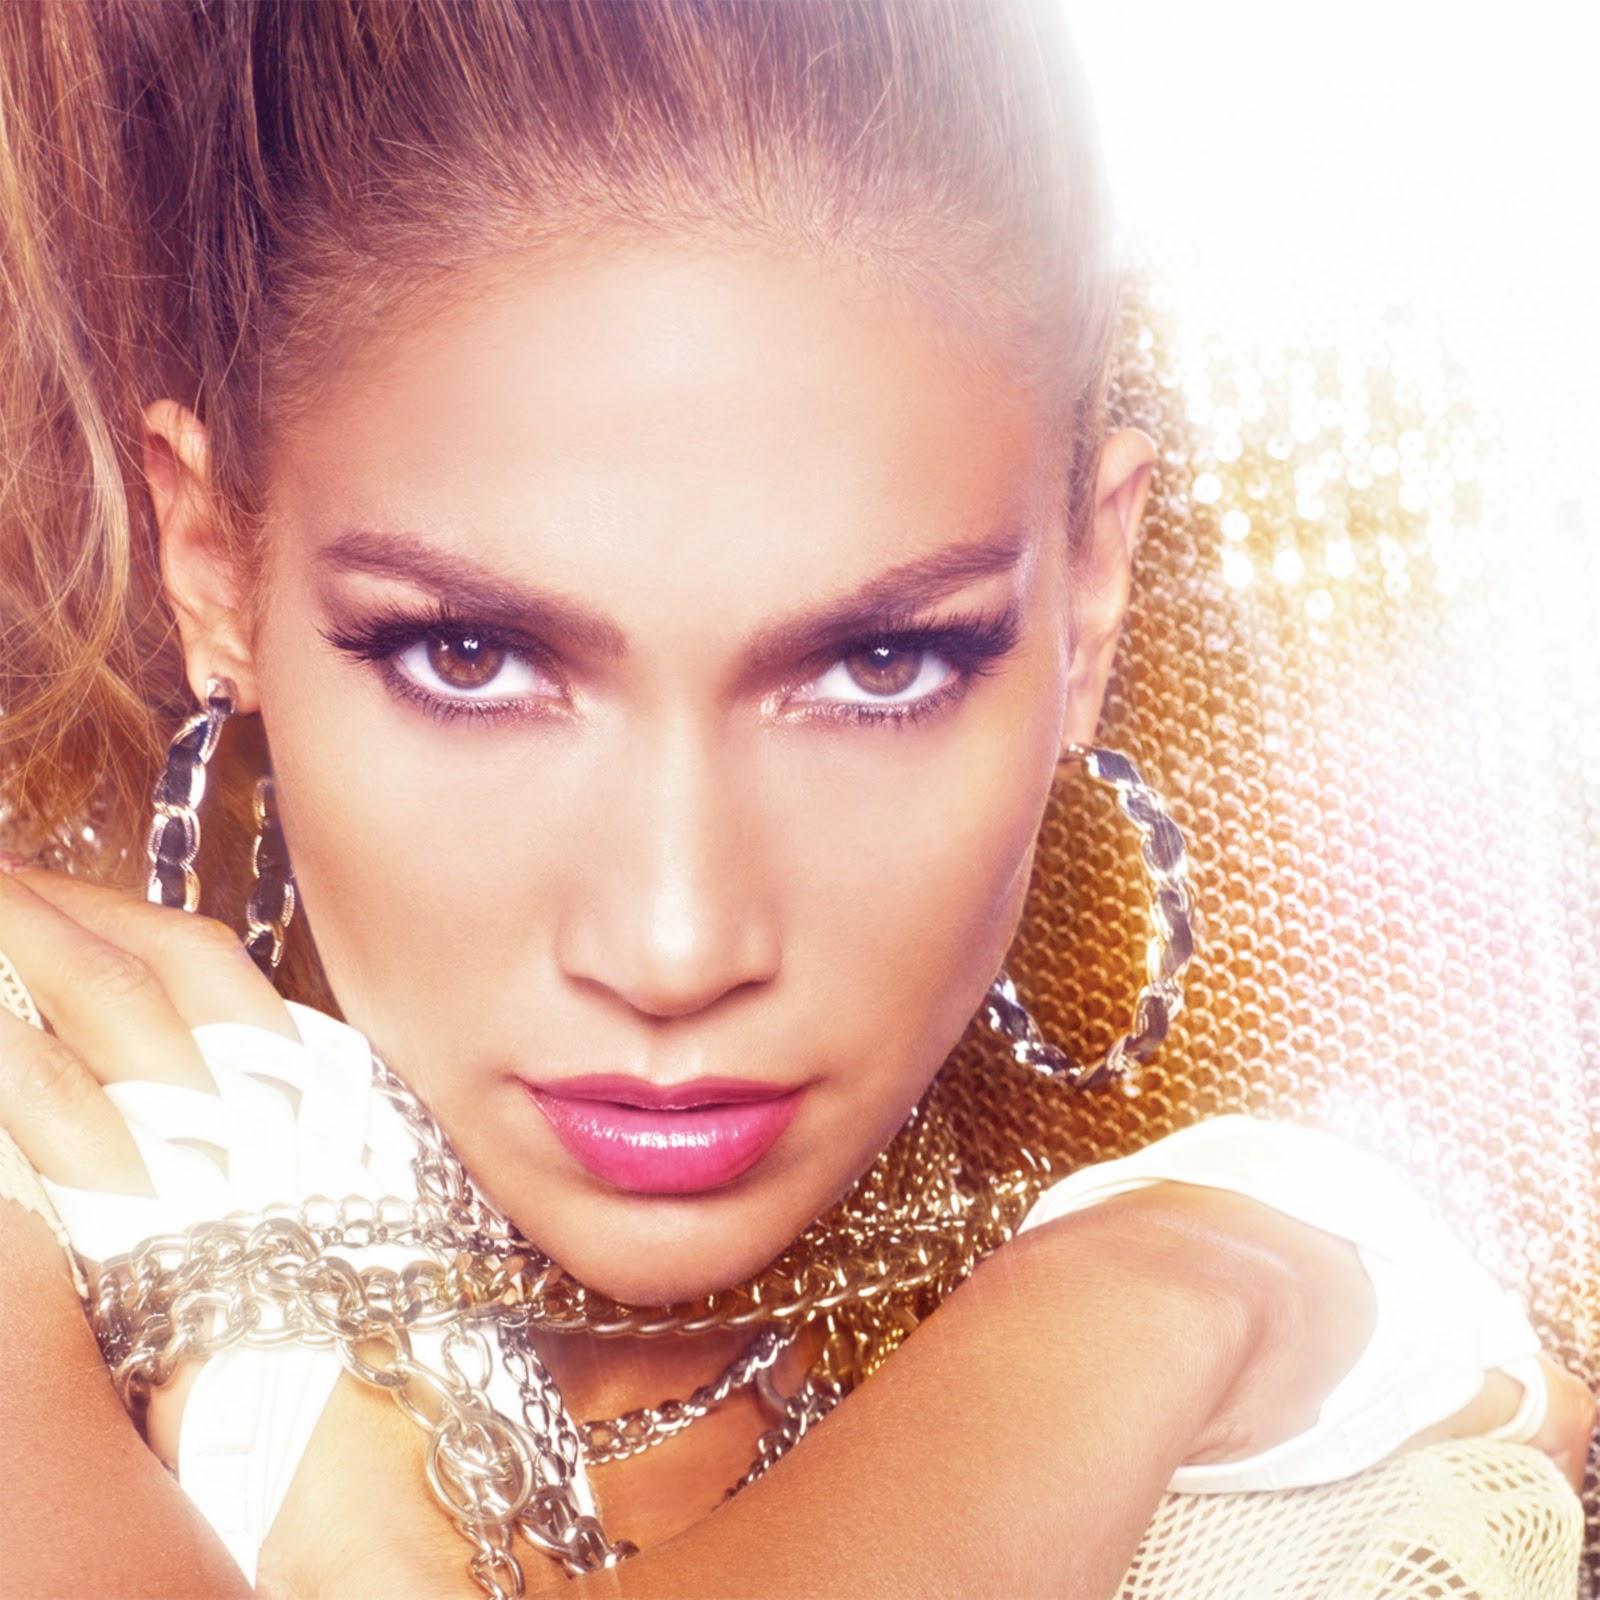 http://1.bp.blogspot.com/-CbSdA_Ohy1Q/TtXSmJcxNTI/AAAAAAAAA24/s9mwWvIlFaQ/s1600/Jennife_Love_Publici_5000DPI300RGB607624.jpg